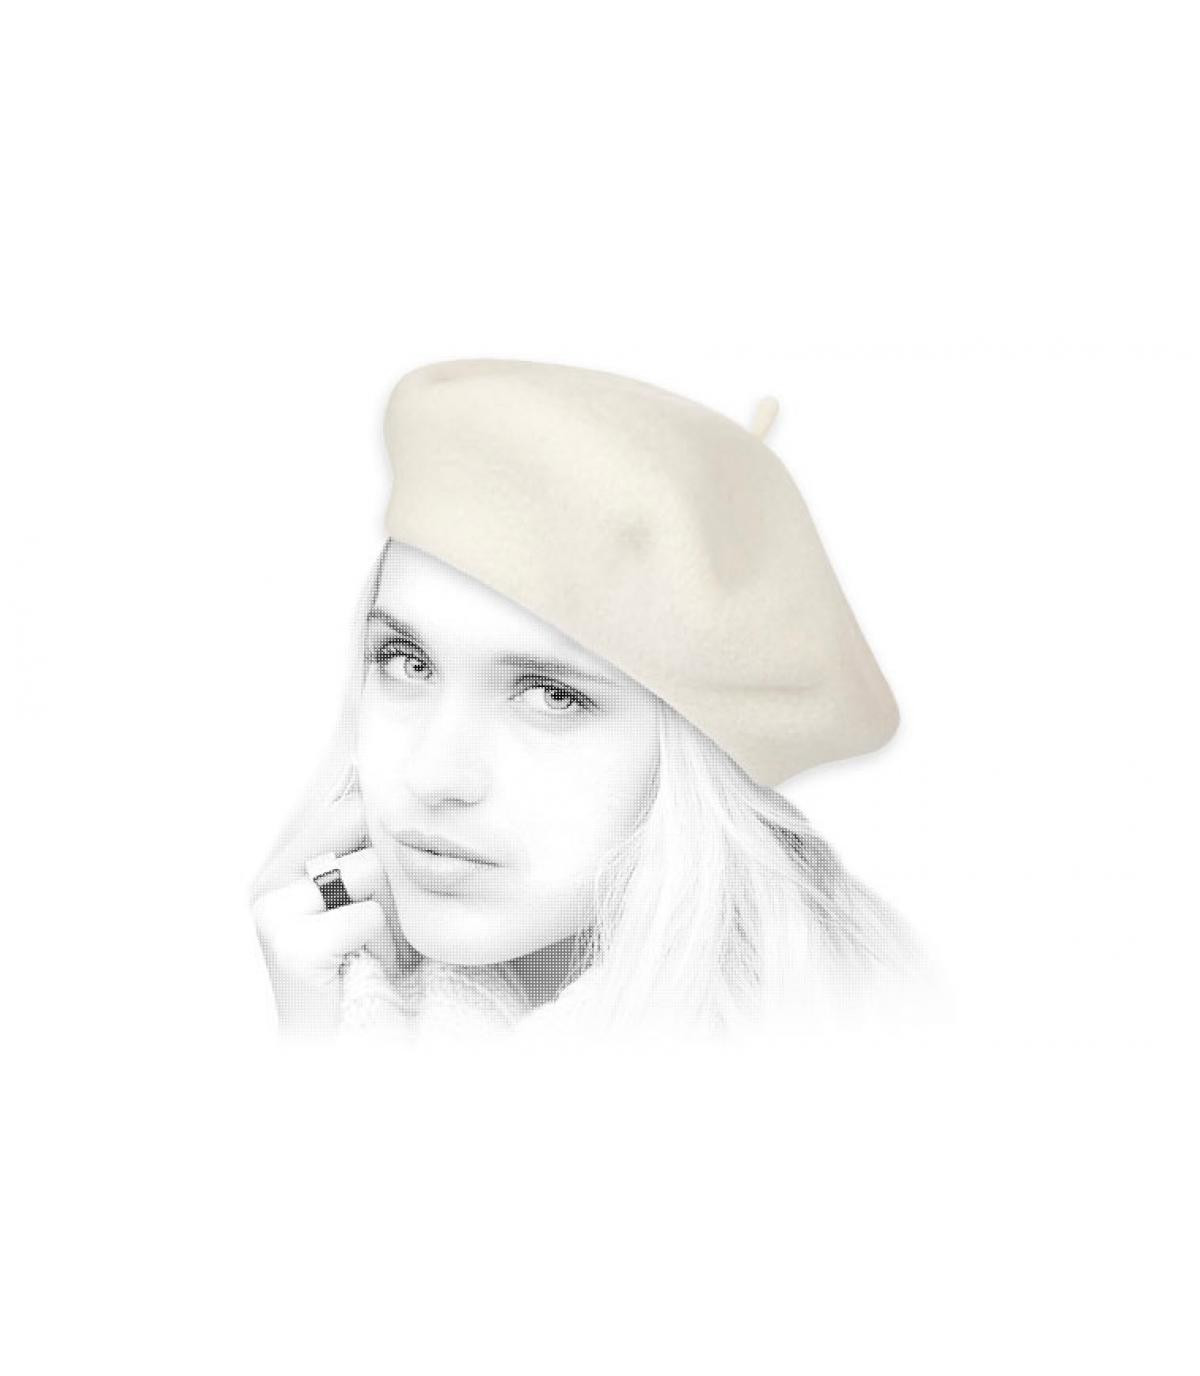 berretto di lana beige Laulhère